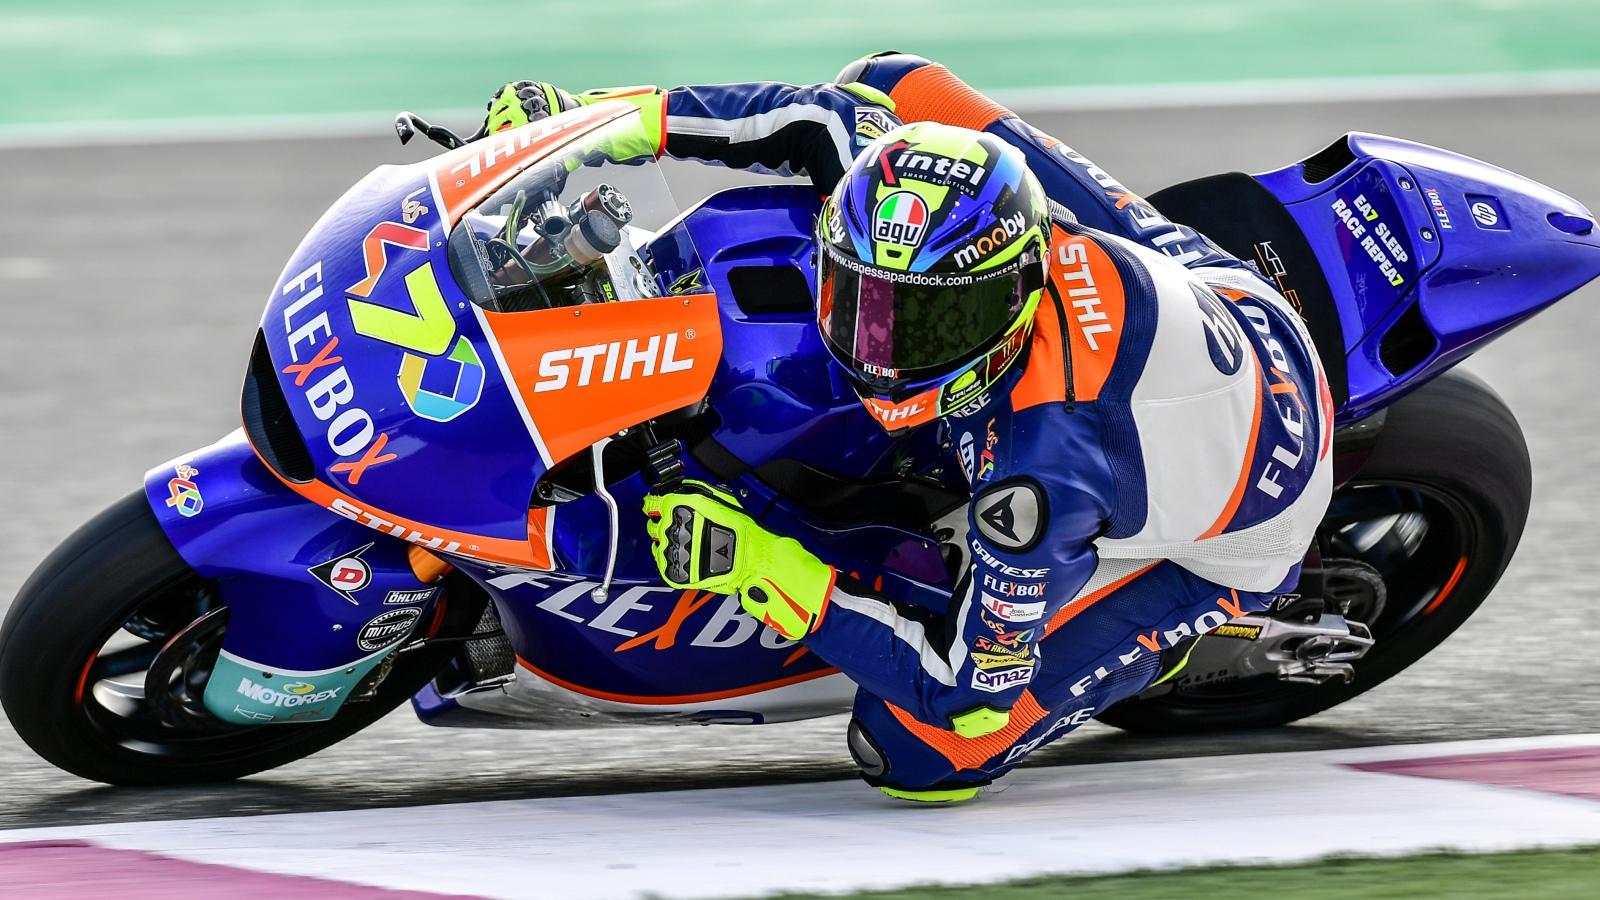 Lorenzo Baldassarri lidera los libres de Moto2 en Qatar con récord incluido